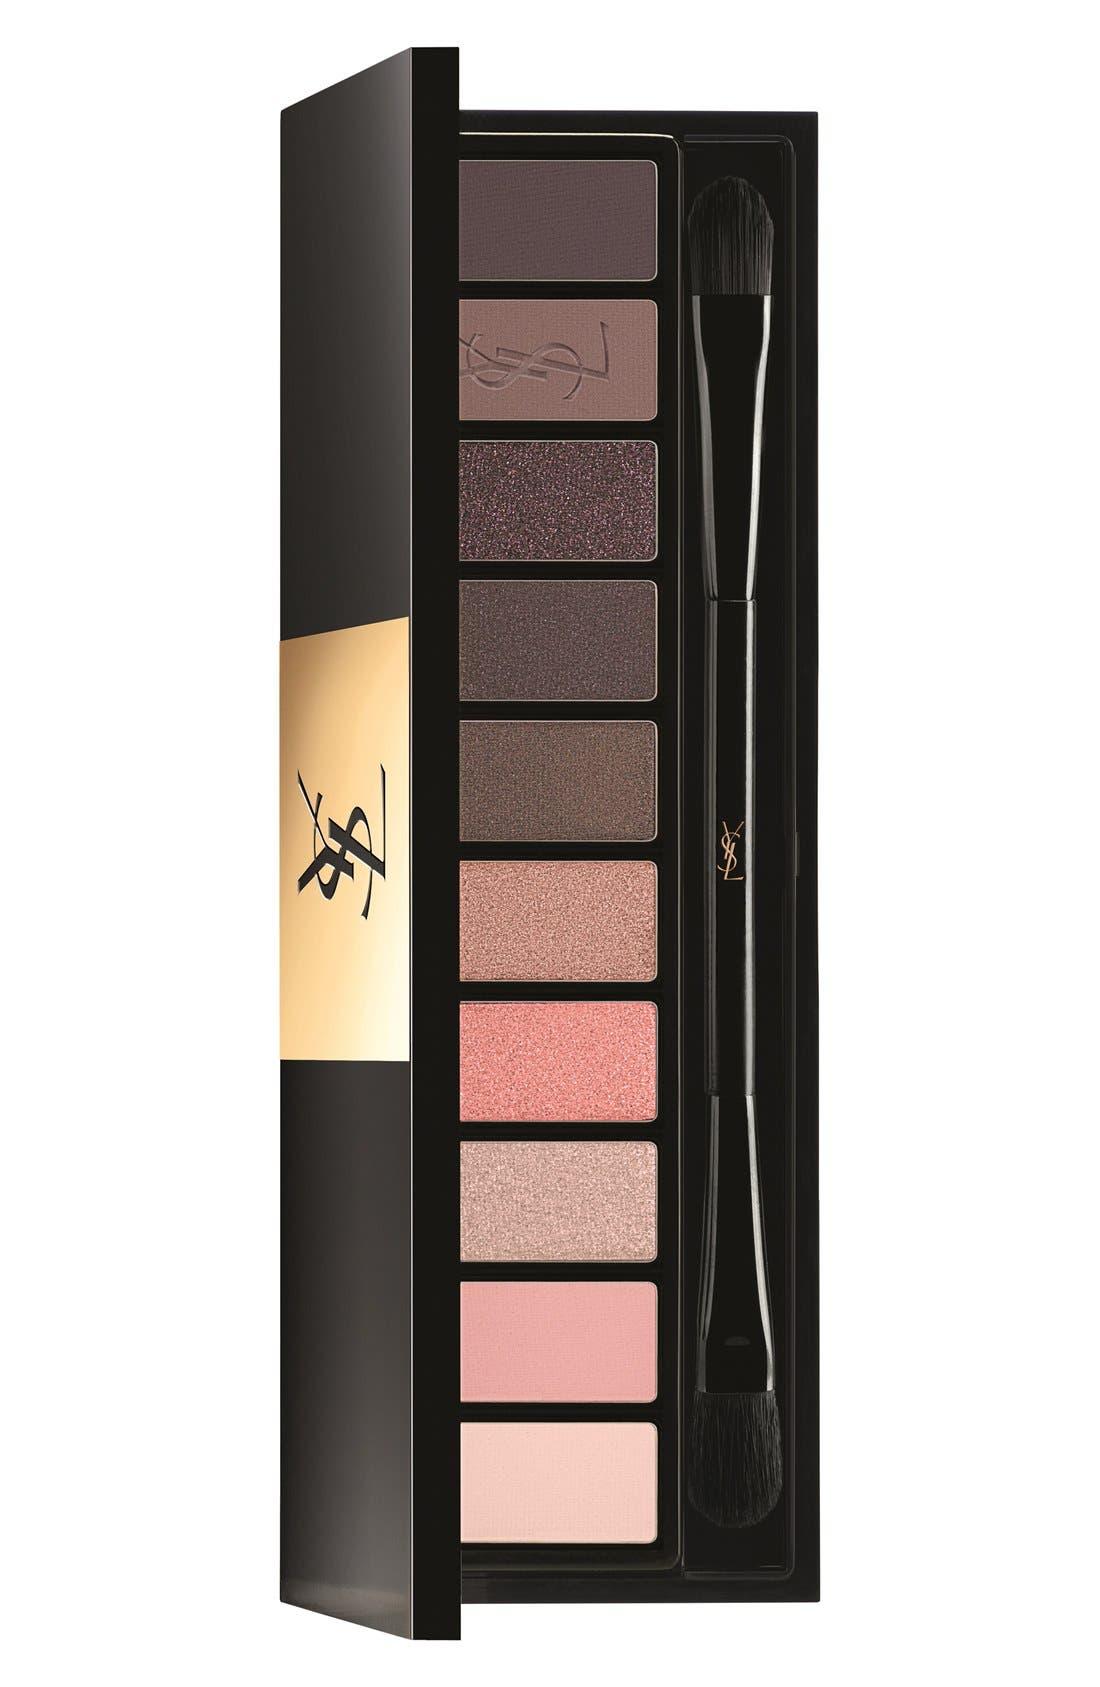 Yves Saint Laurent 'Paris' Couture Variation Ten-Color Expert Eye Palette